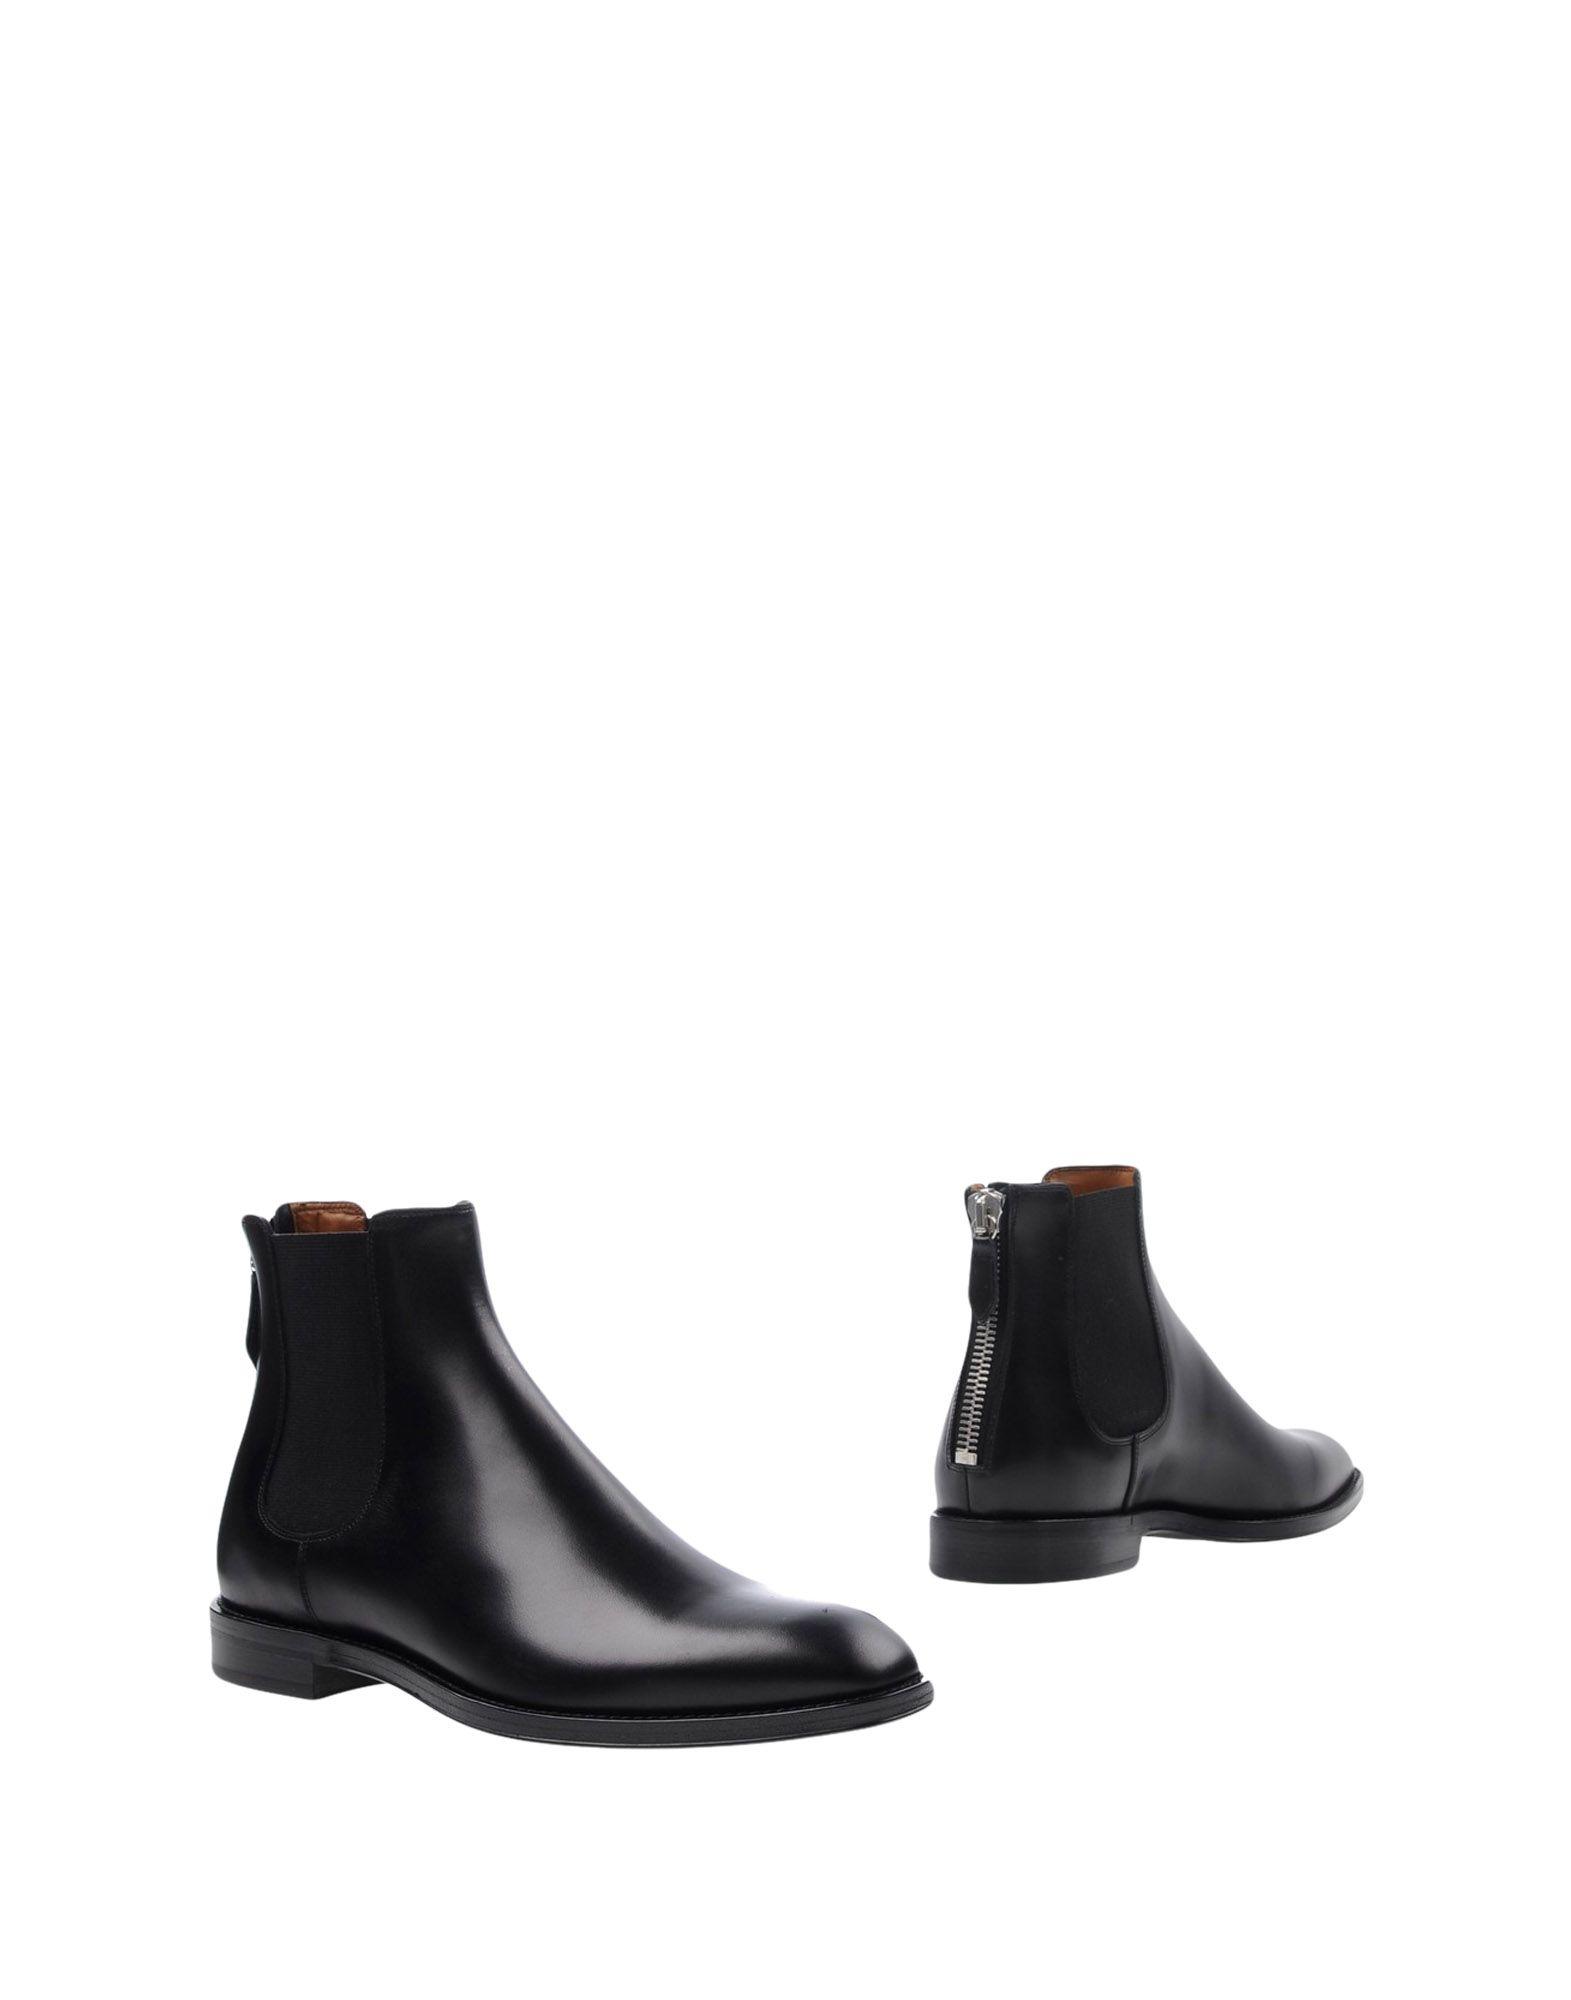 Givenchy Stiefelette Herren  11356925DX Gute Qualität beliebte Schuhe